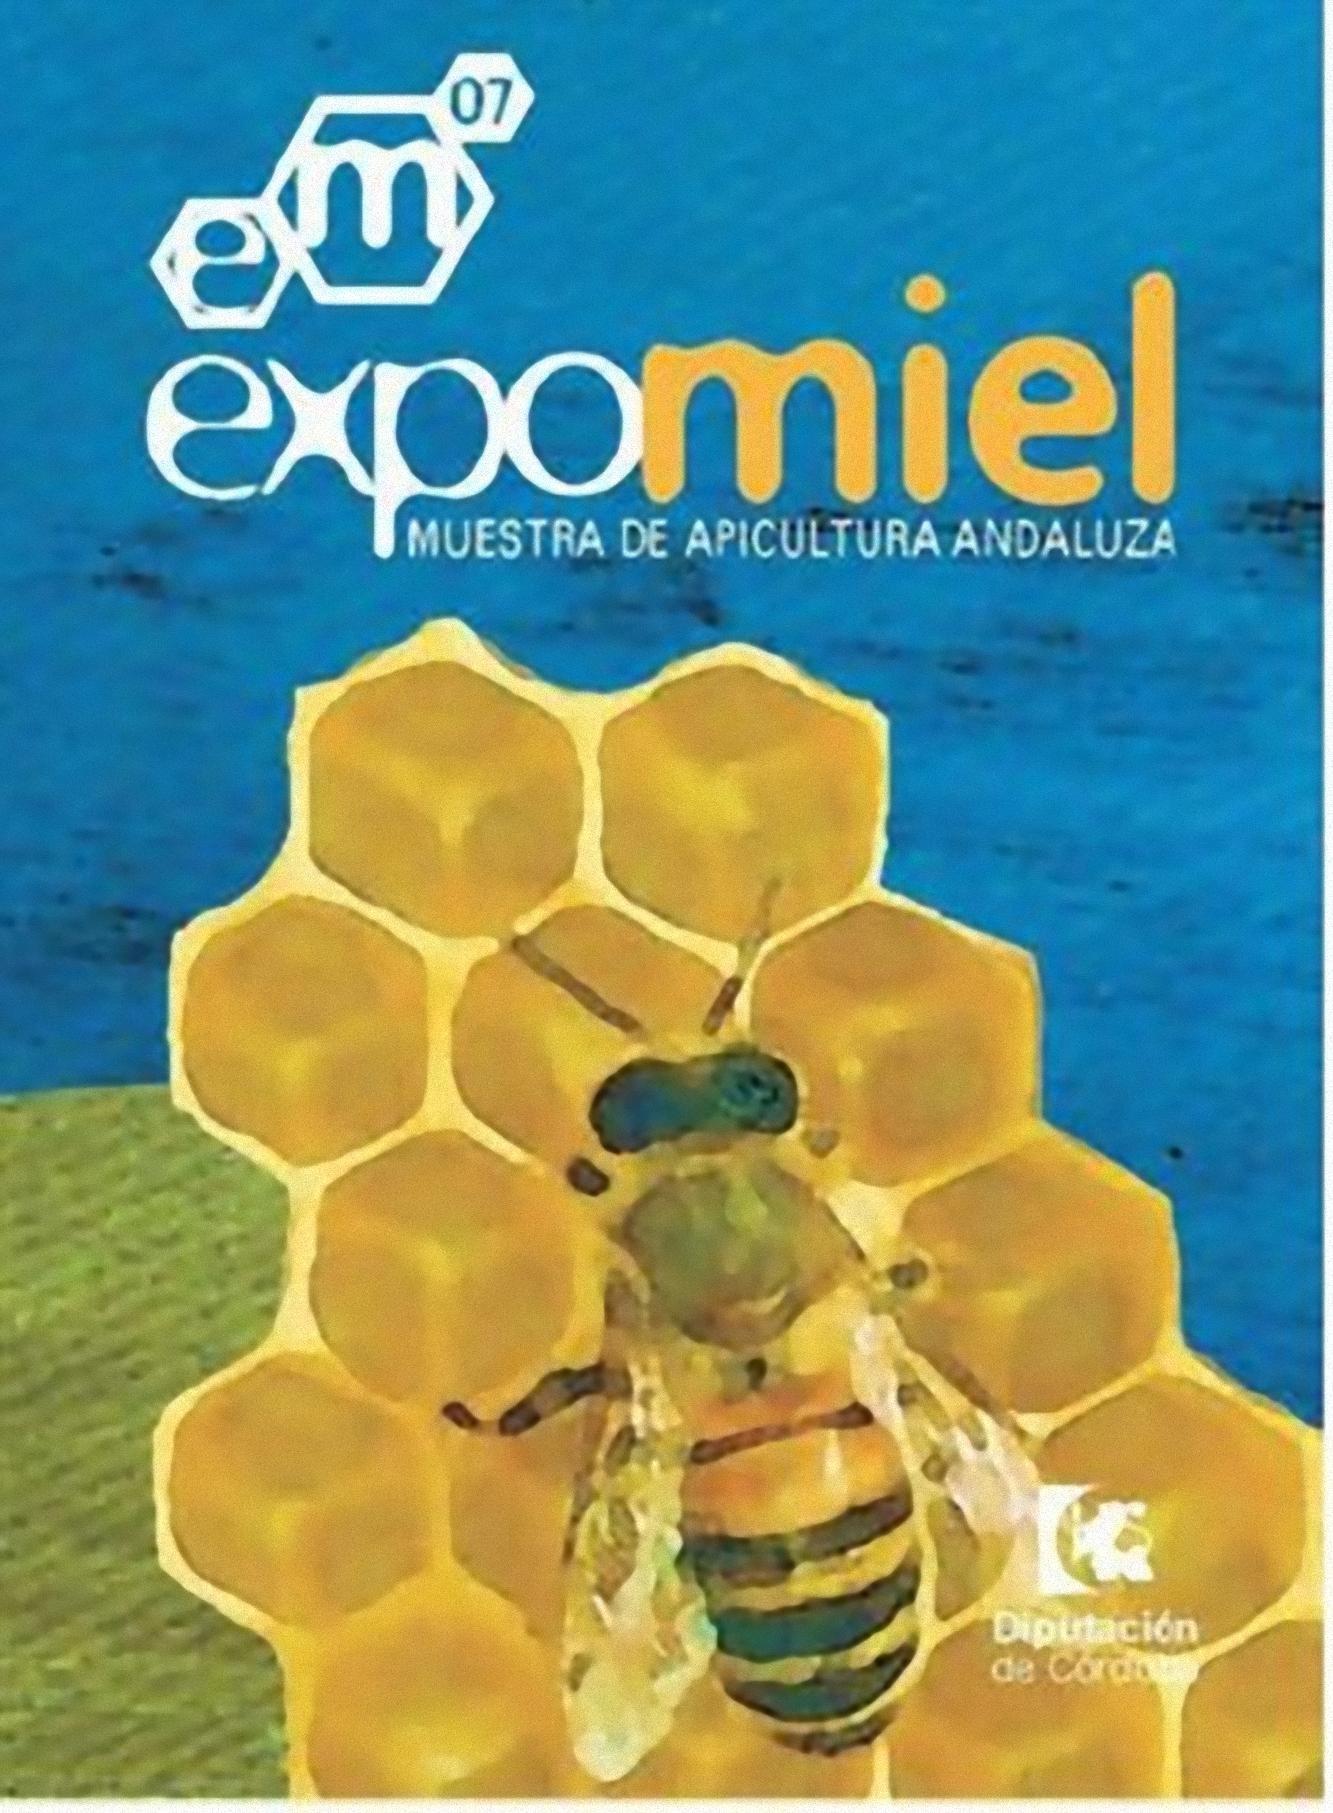 Cartel de Expomiel 2006